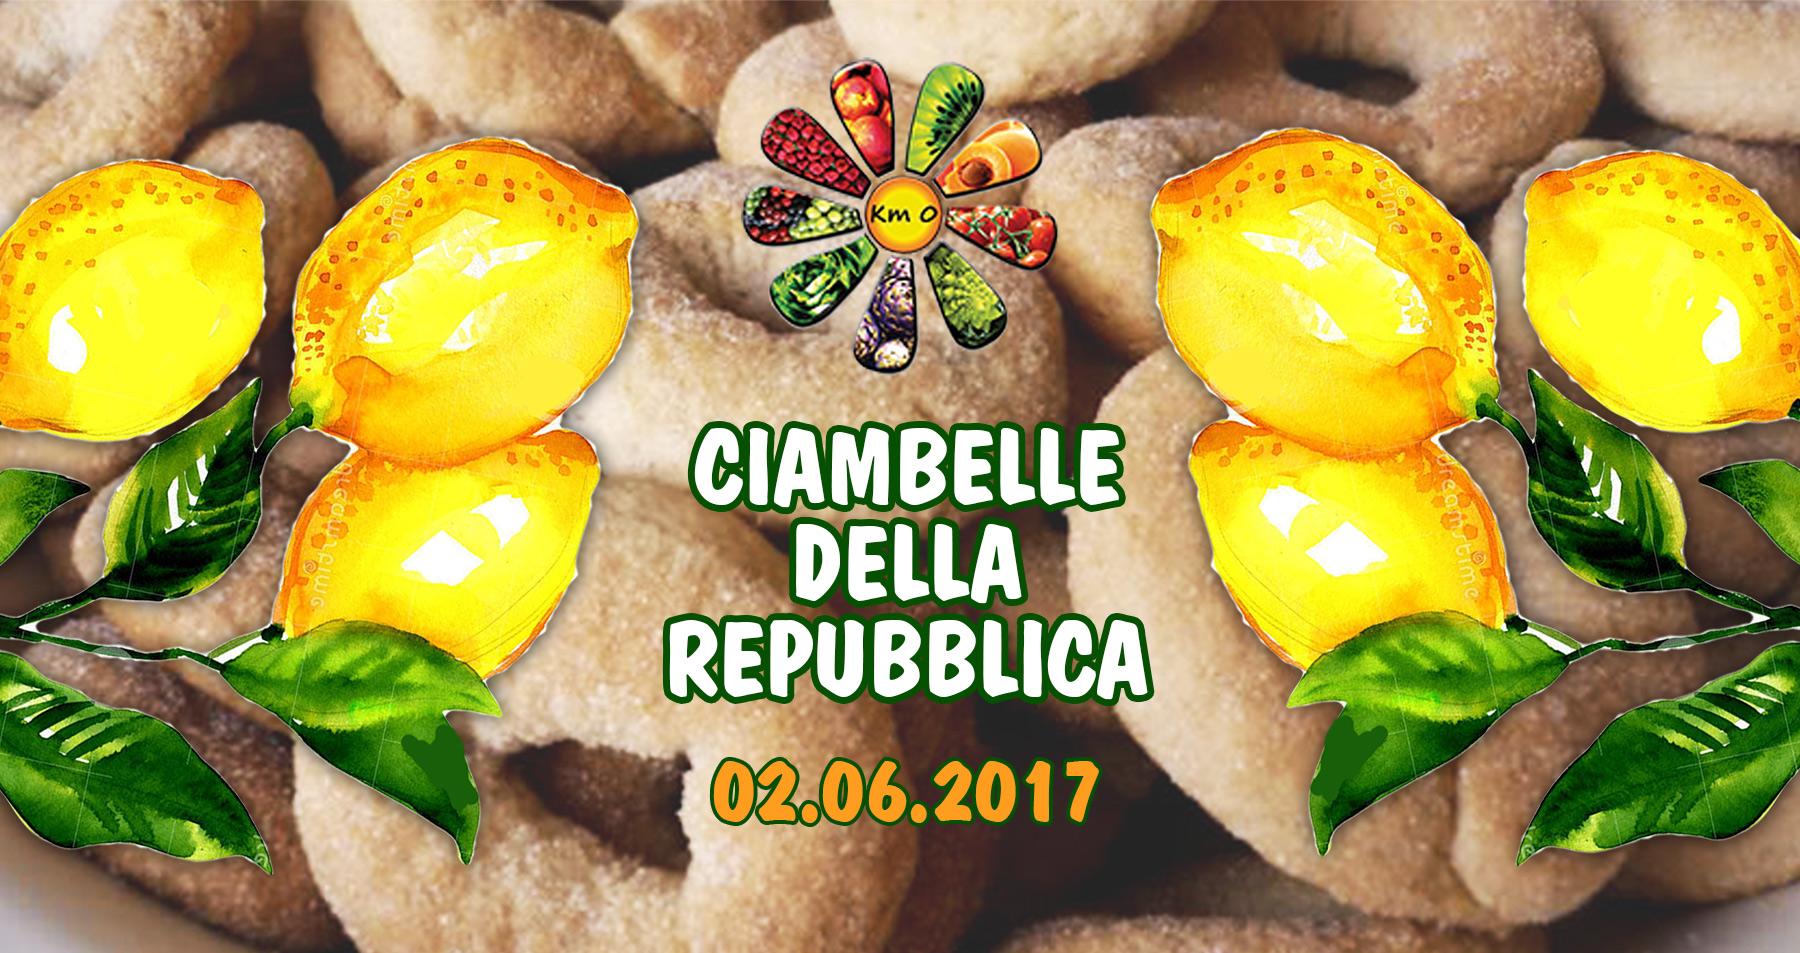 CIAMBELLE MERCATO CONTADINO CASTELLI ROMANI